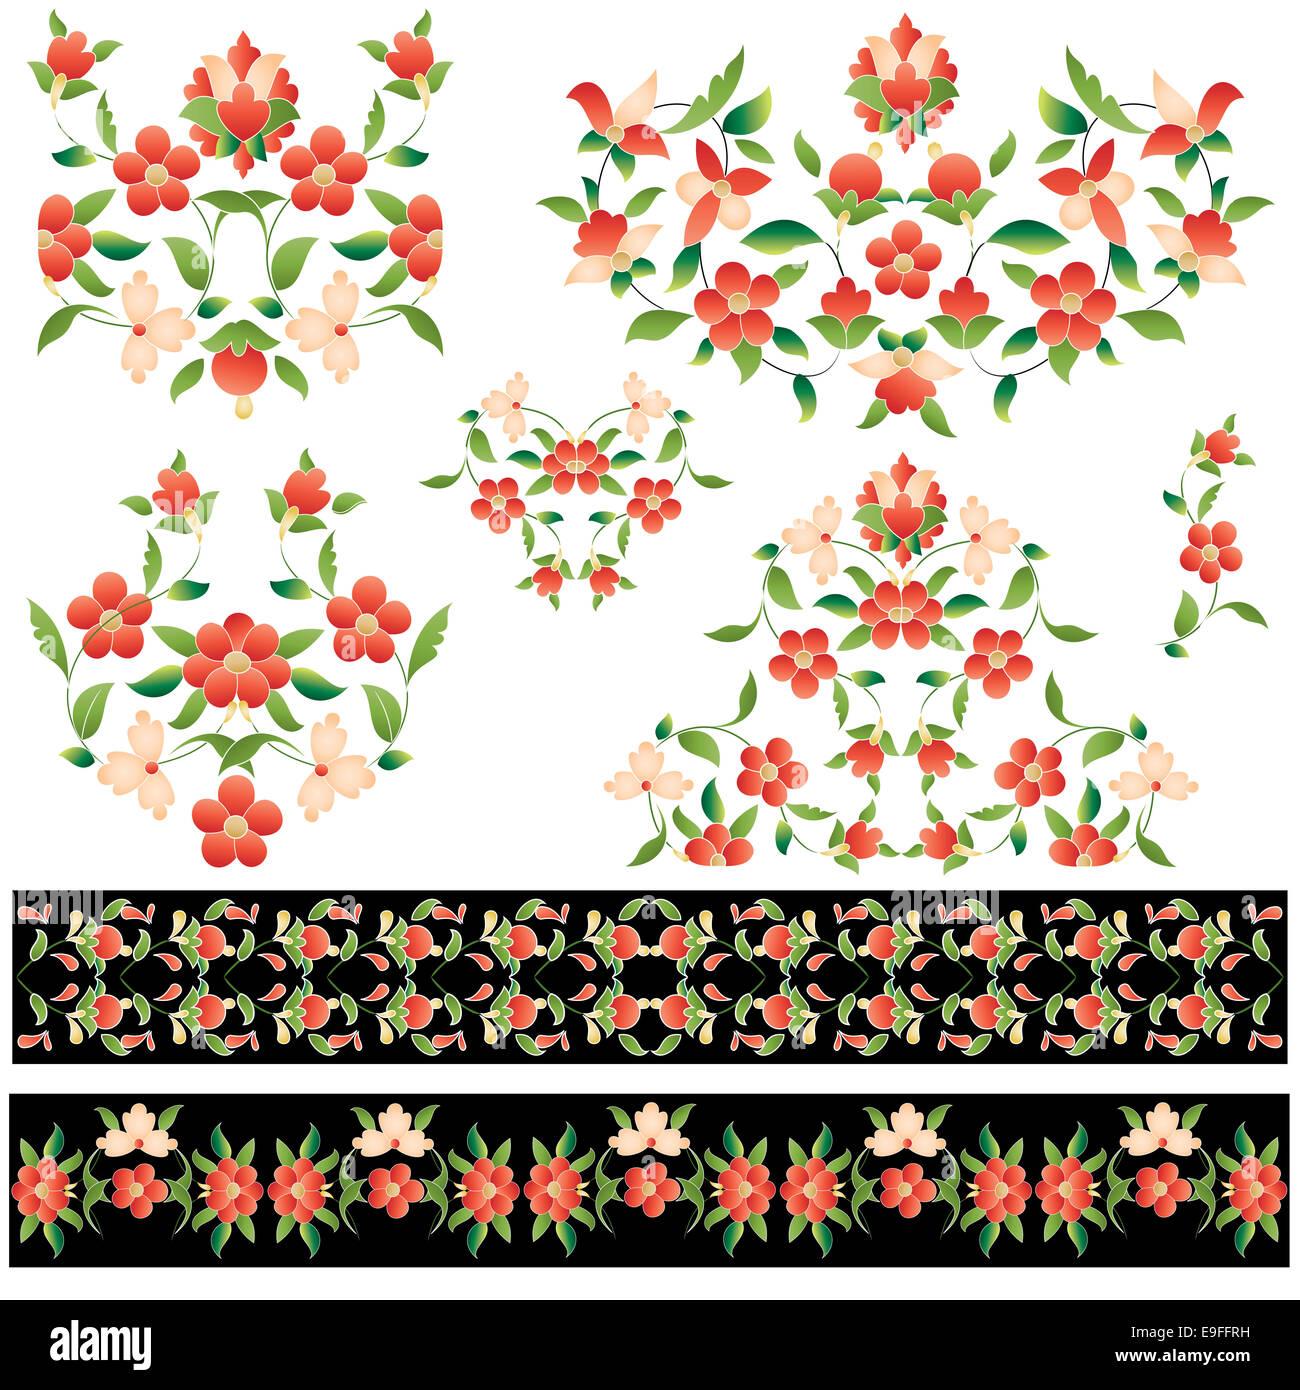 elegant pattern version - Stock Image